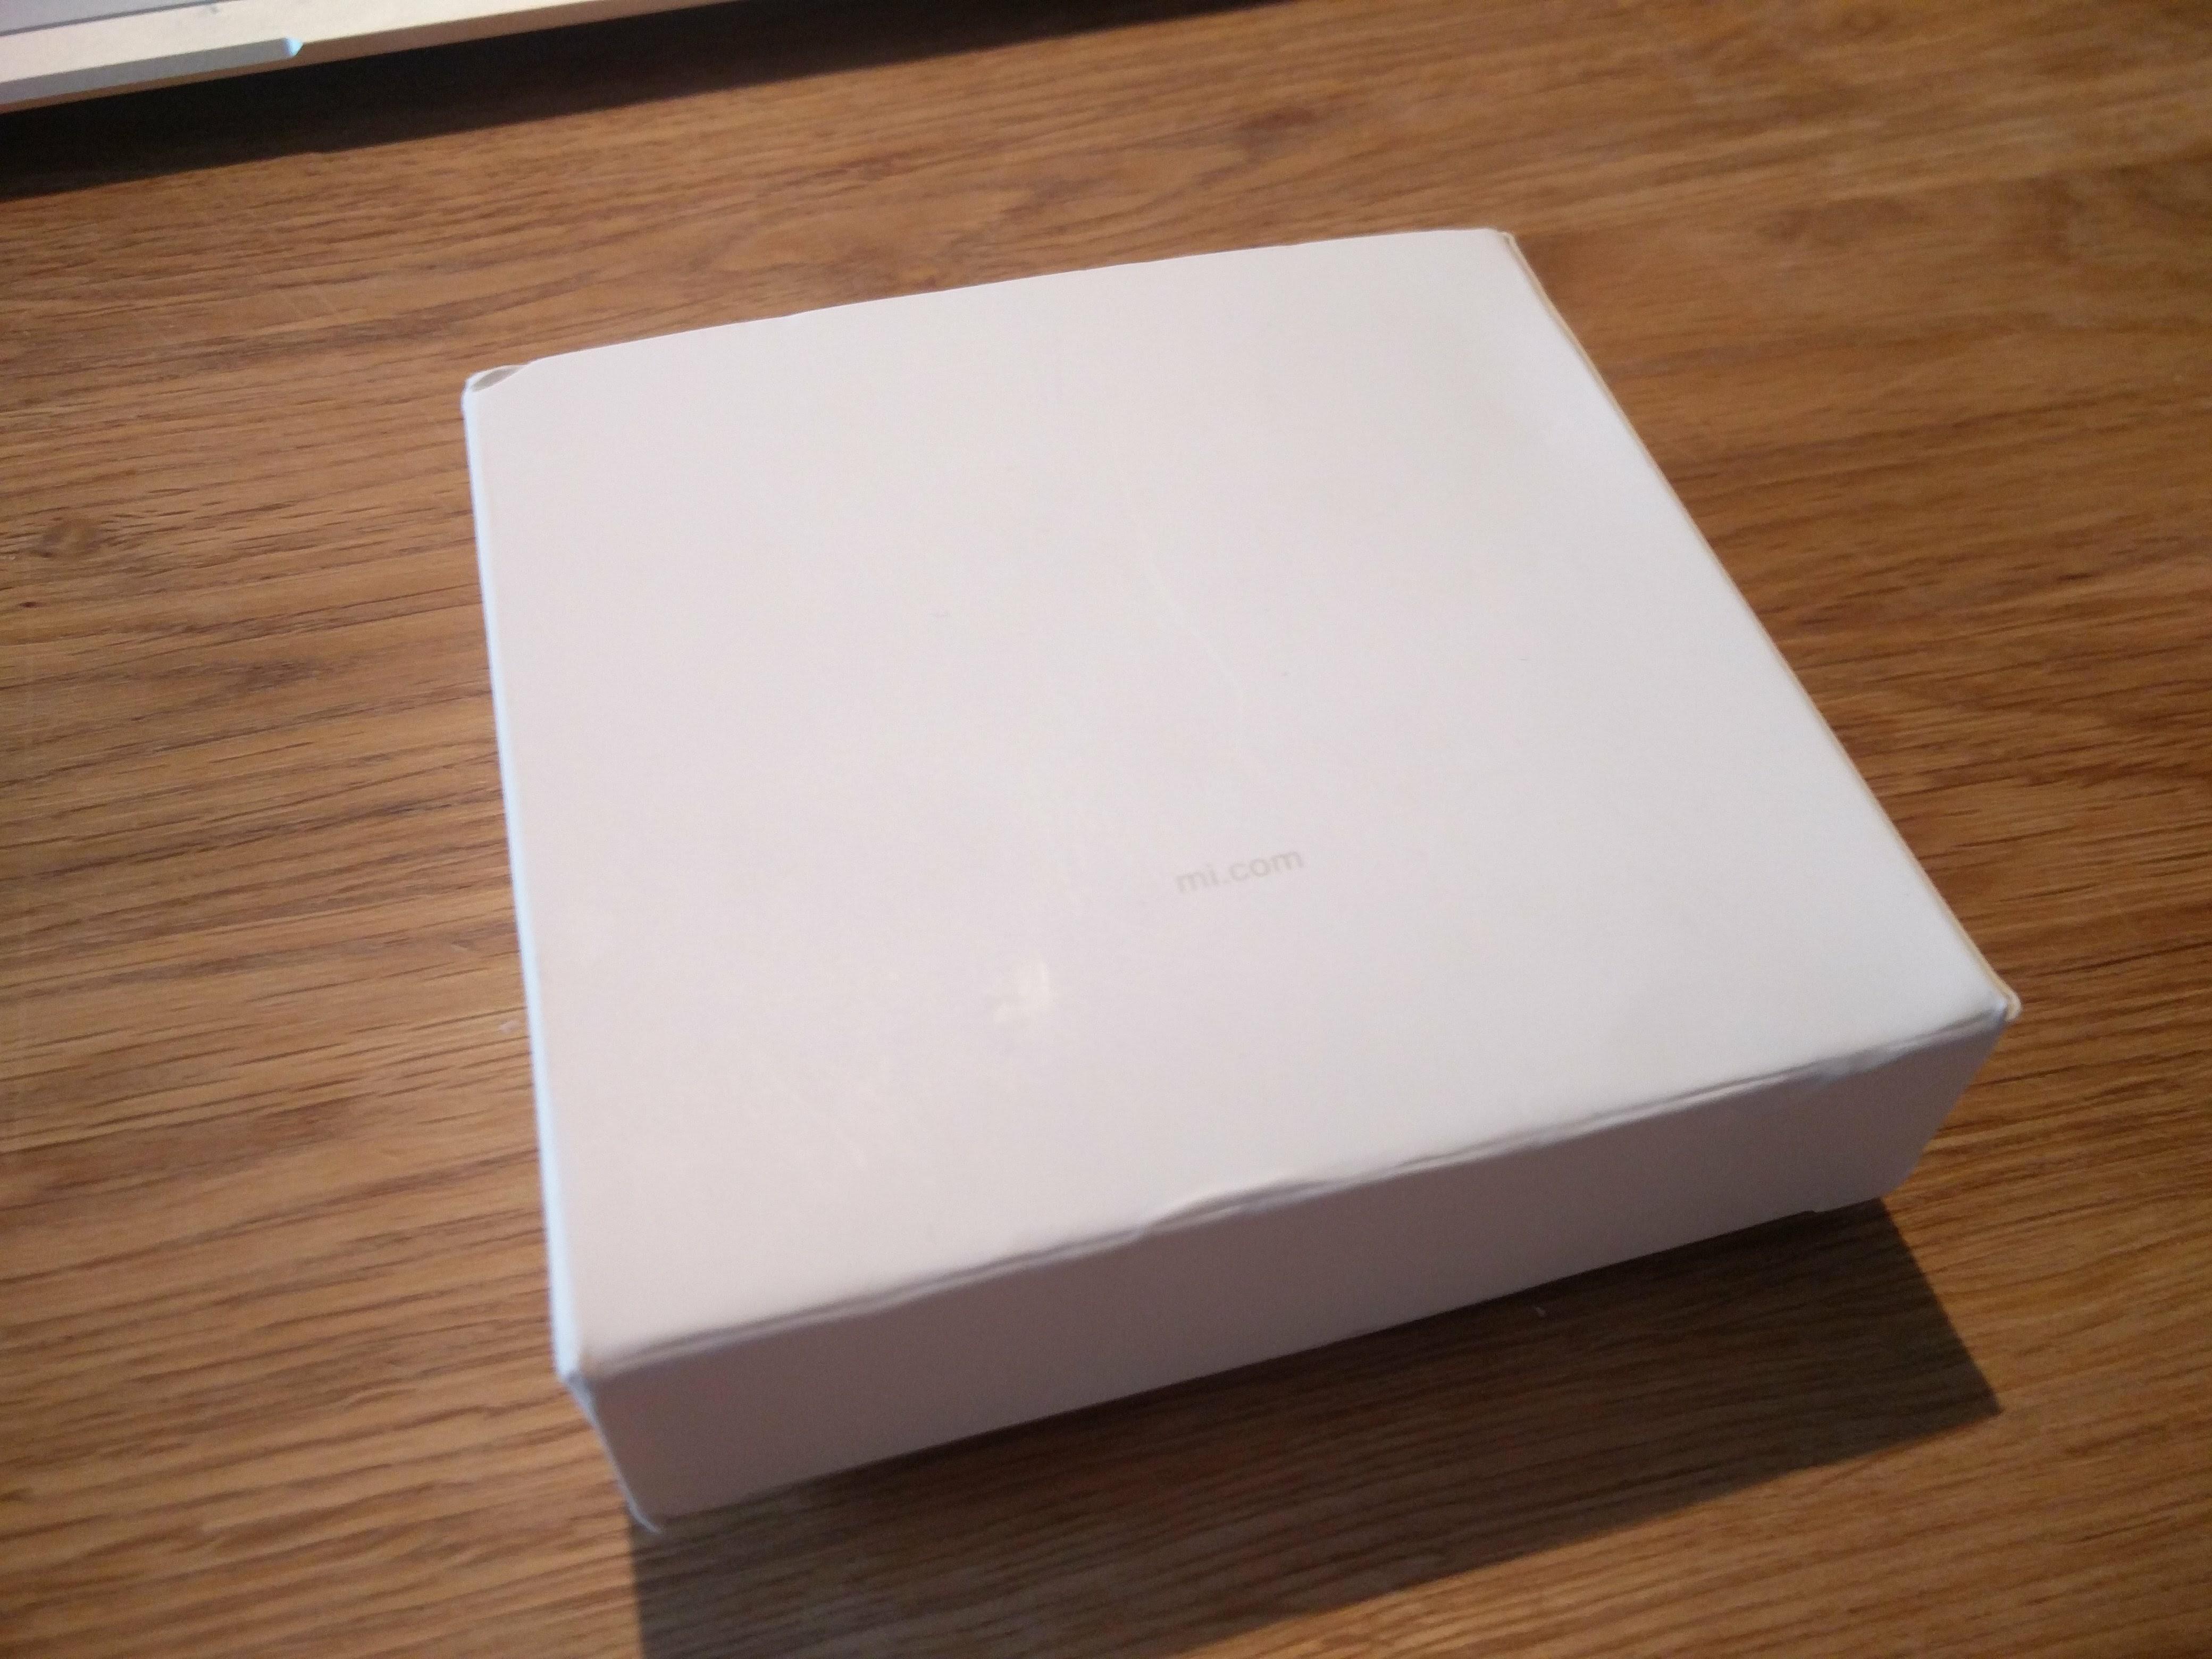 中国からビニール袋に梱包された普通郵便で届いたので、箱は届いた時点でボロボロ。